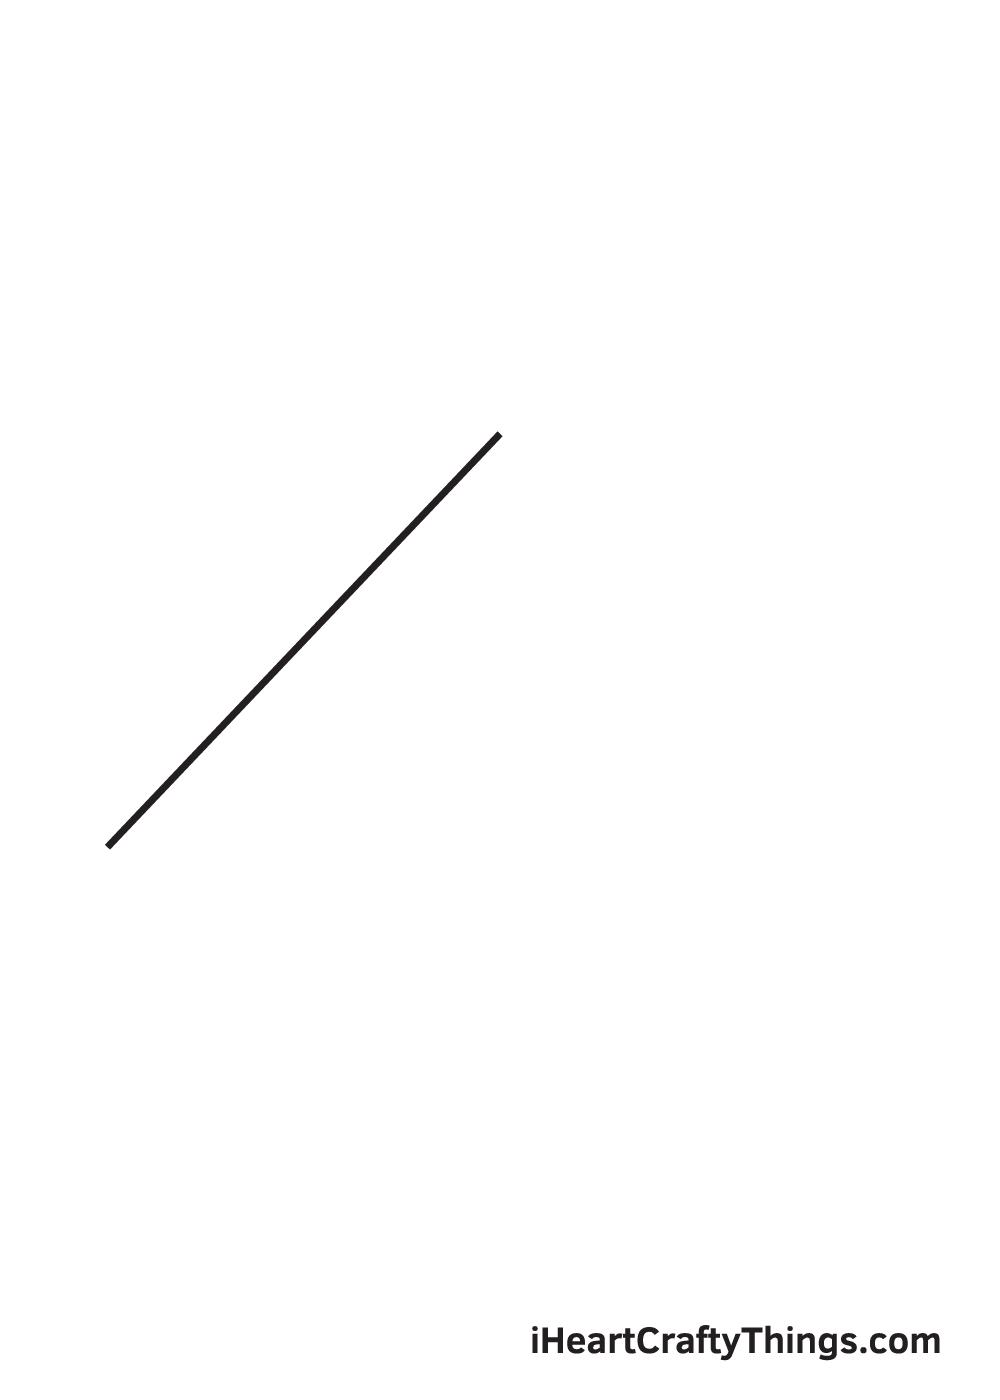 pyramid drawing step 1